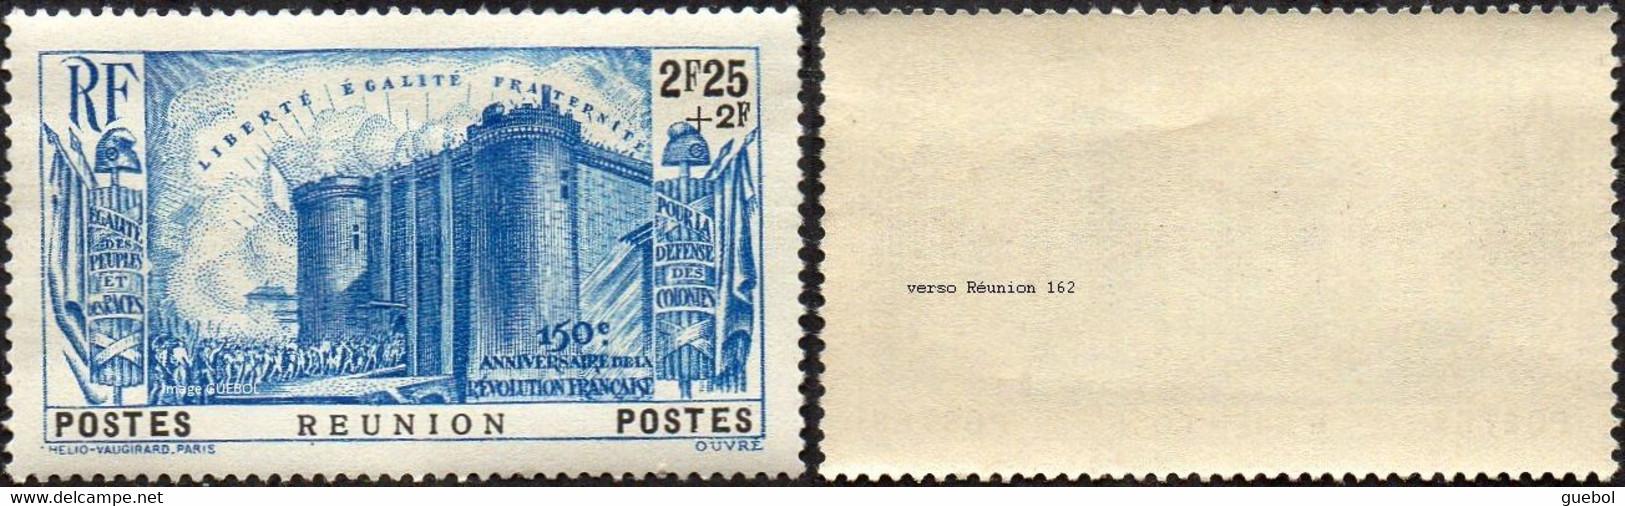 Réunion - N° 162 * Anniversaire De La Révolution Bastille - Nuevos